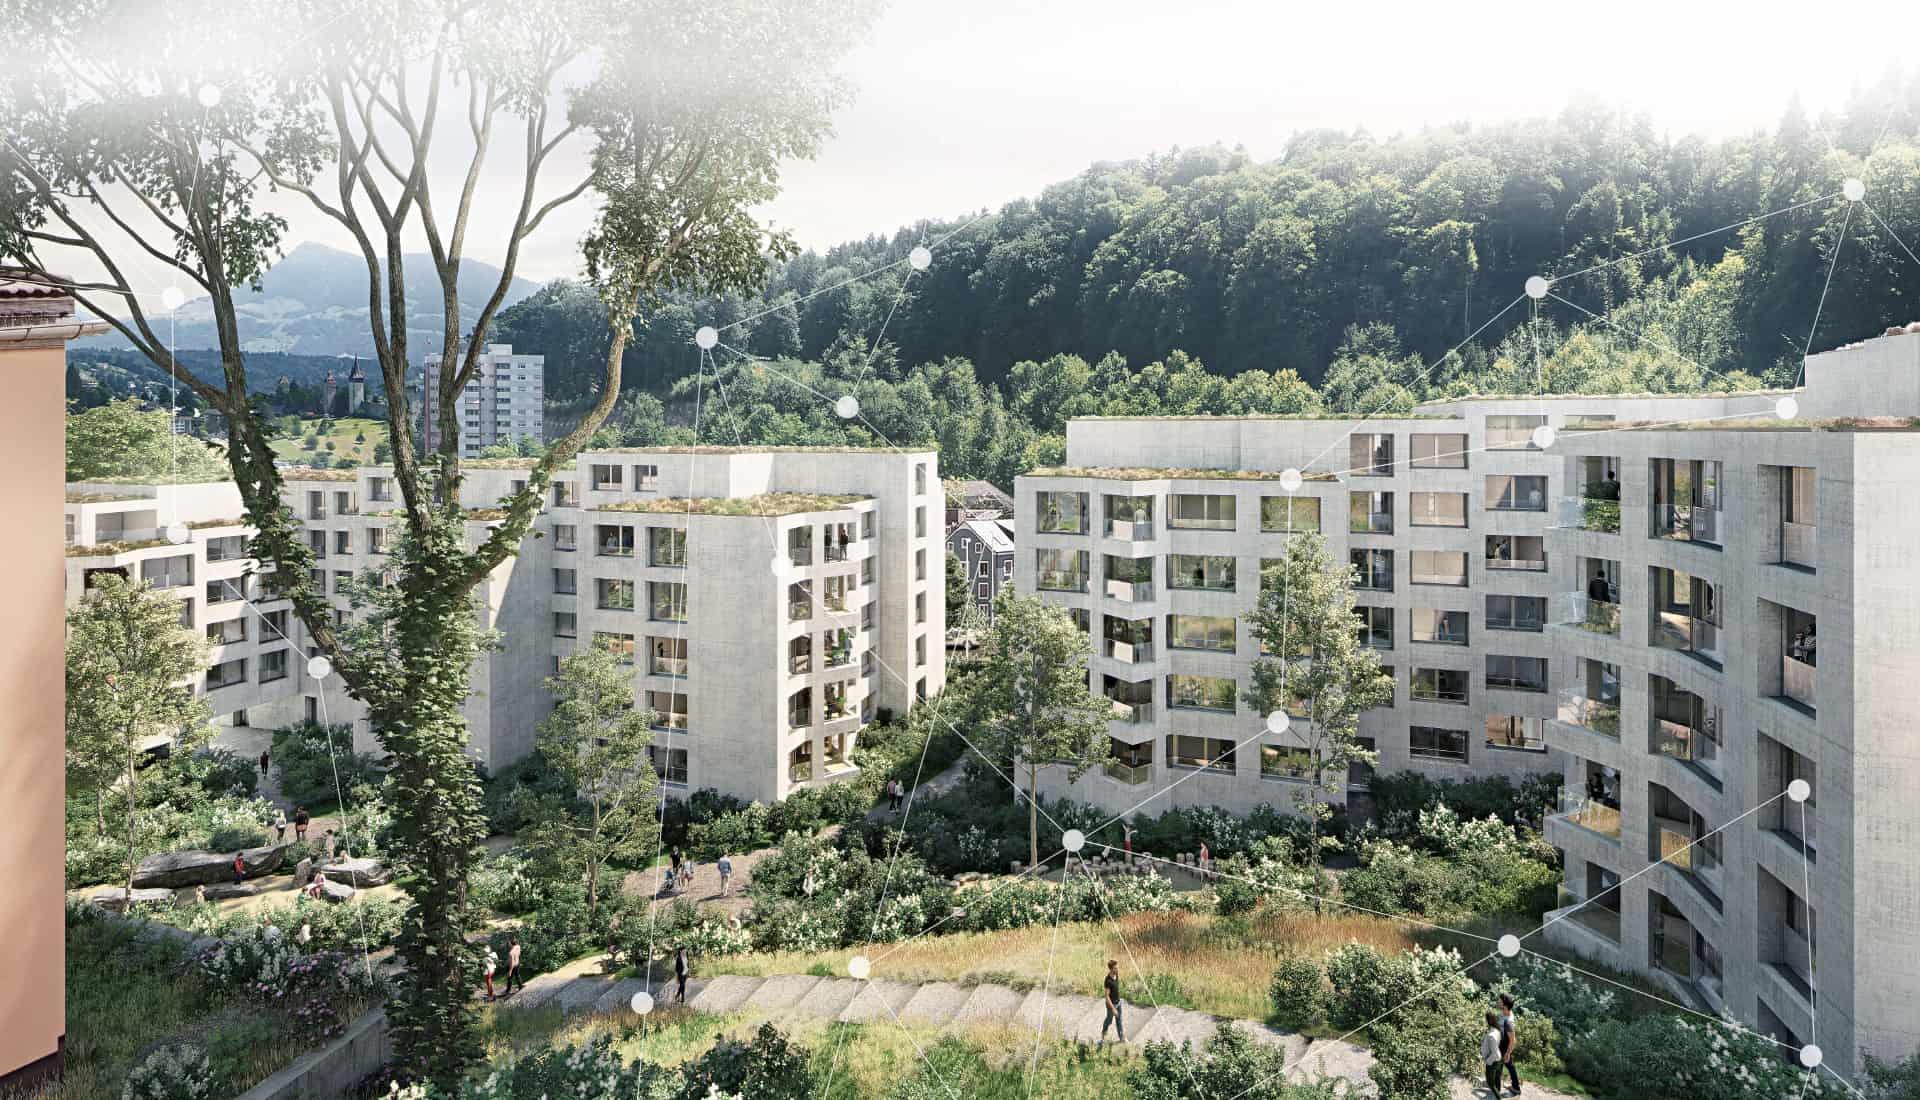 elektroplanung intelligente systemarchitektur abl bgm wohnueberbauung bernstrasse luzern forever young elmaplan ag